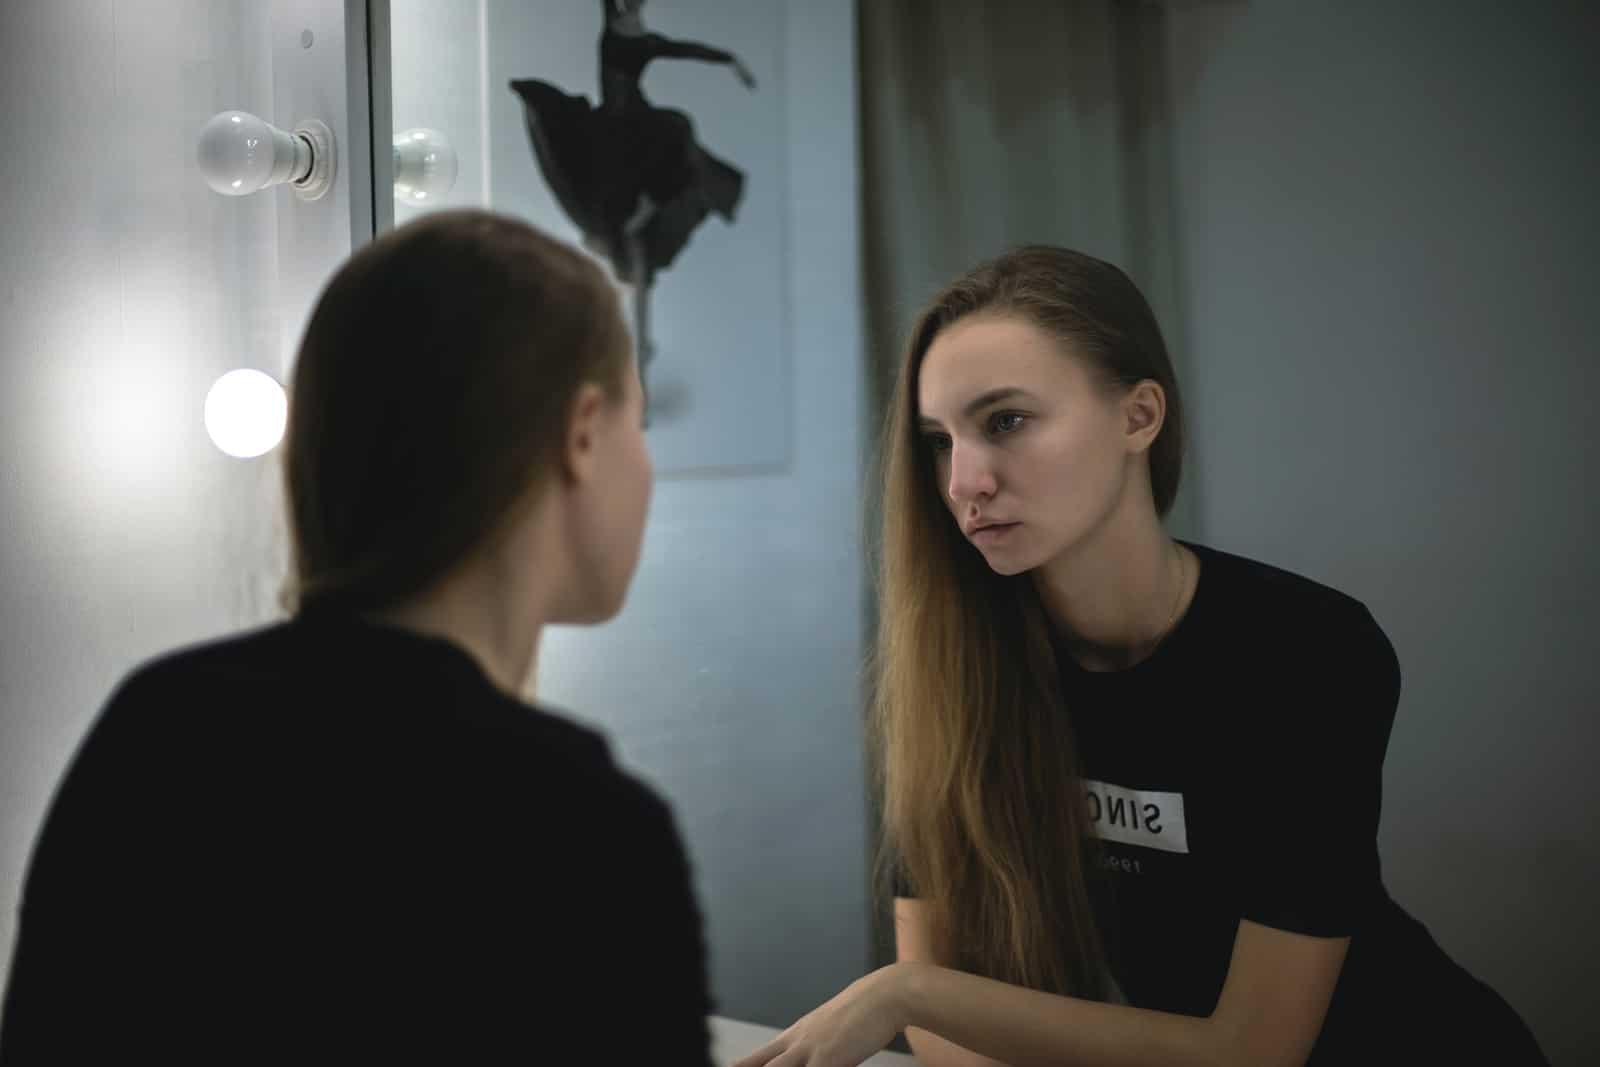 eine traurige Frau in einem schwarzen T-Shirt, die sich in den Spiegel schaut